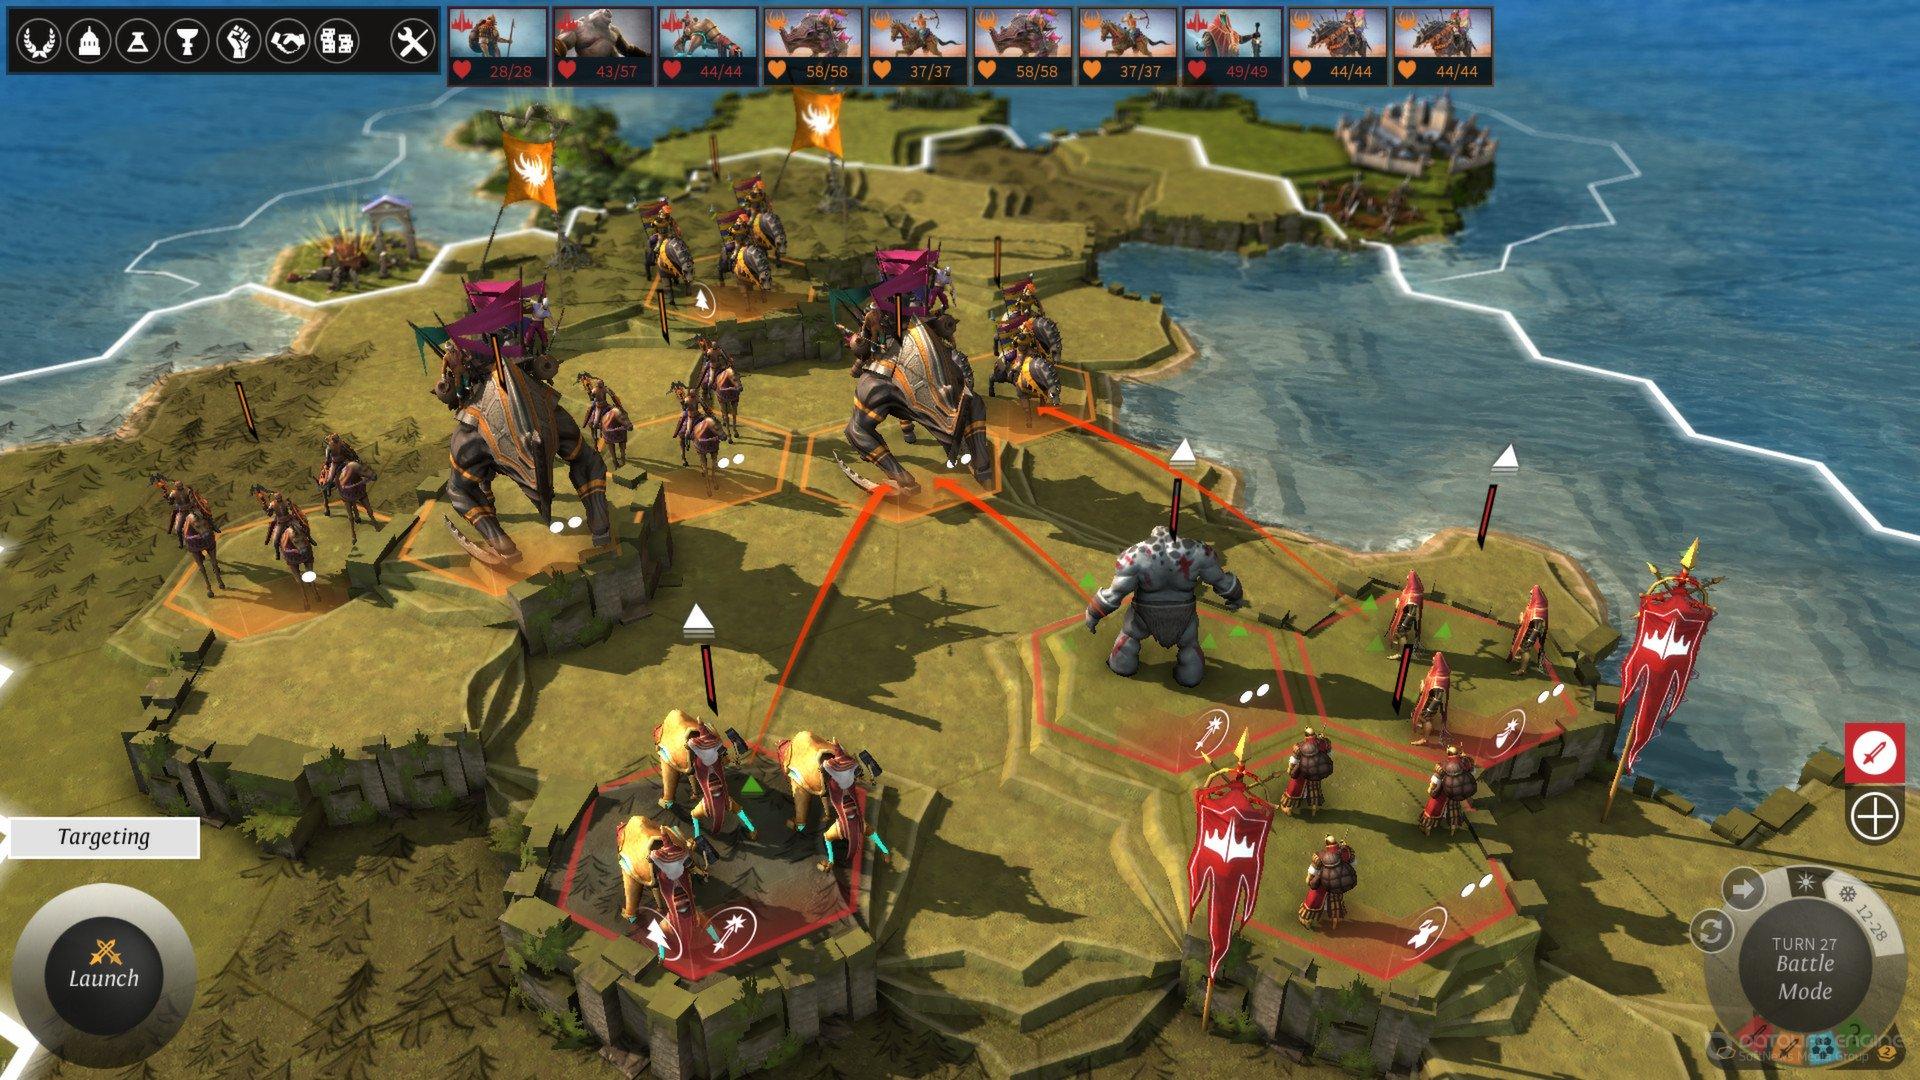 Скриншот к игре Endless Legend [v 1.8.2 + DLC's] (2014) скачать торрент RePack